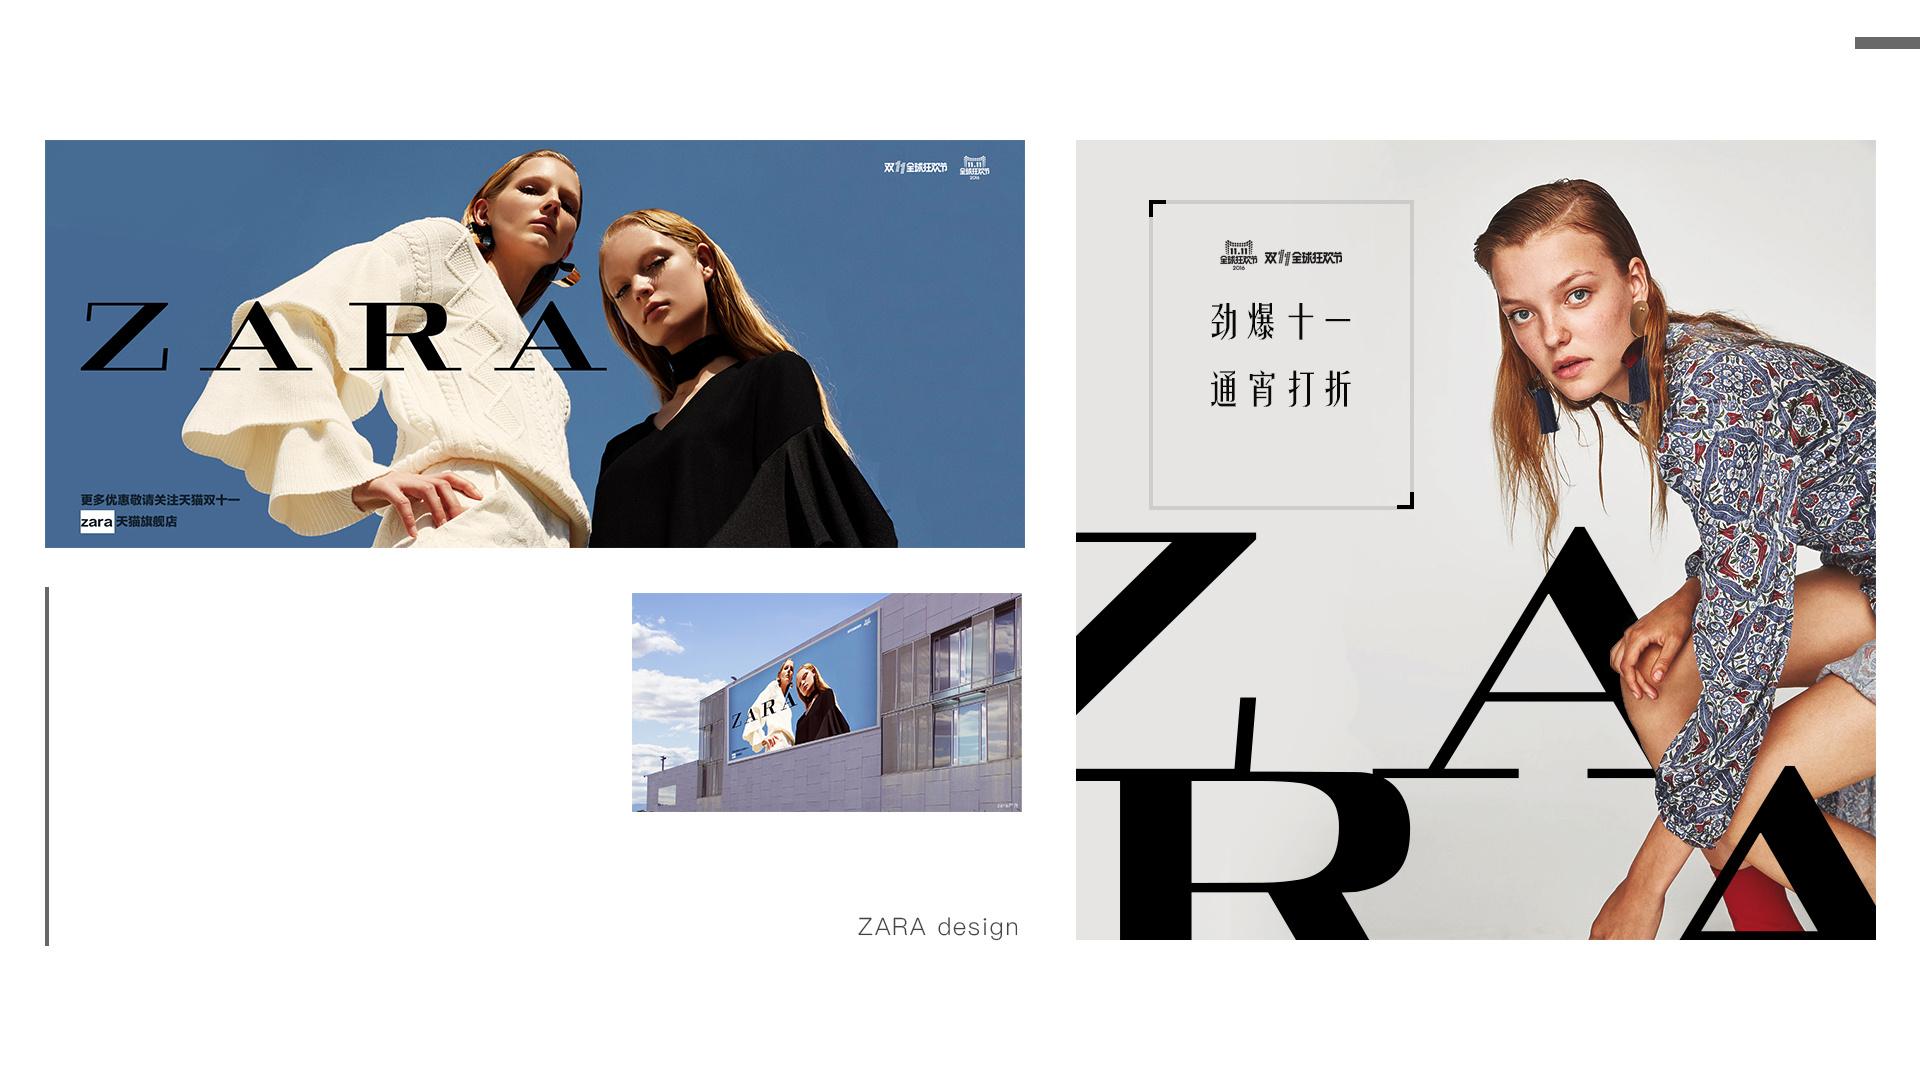 zara in design图片